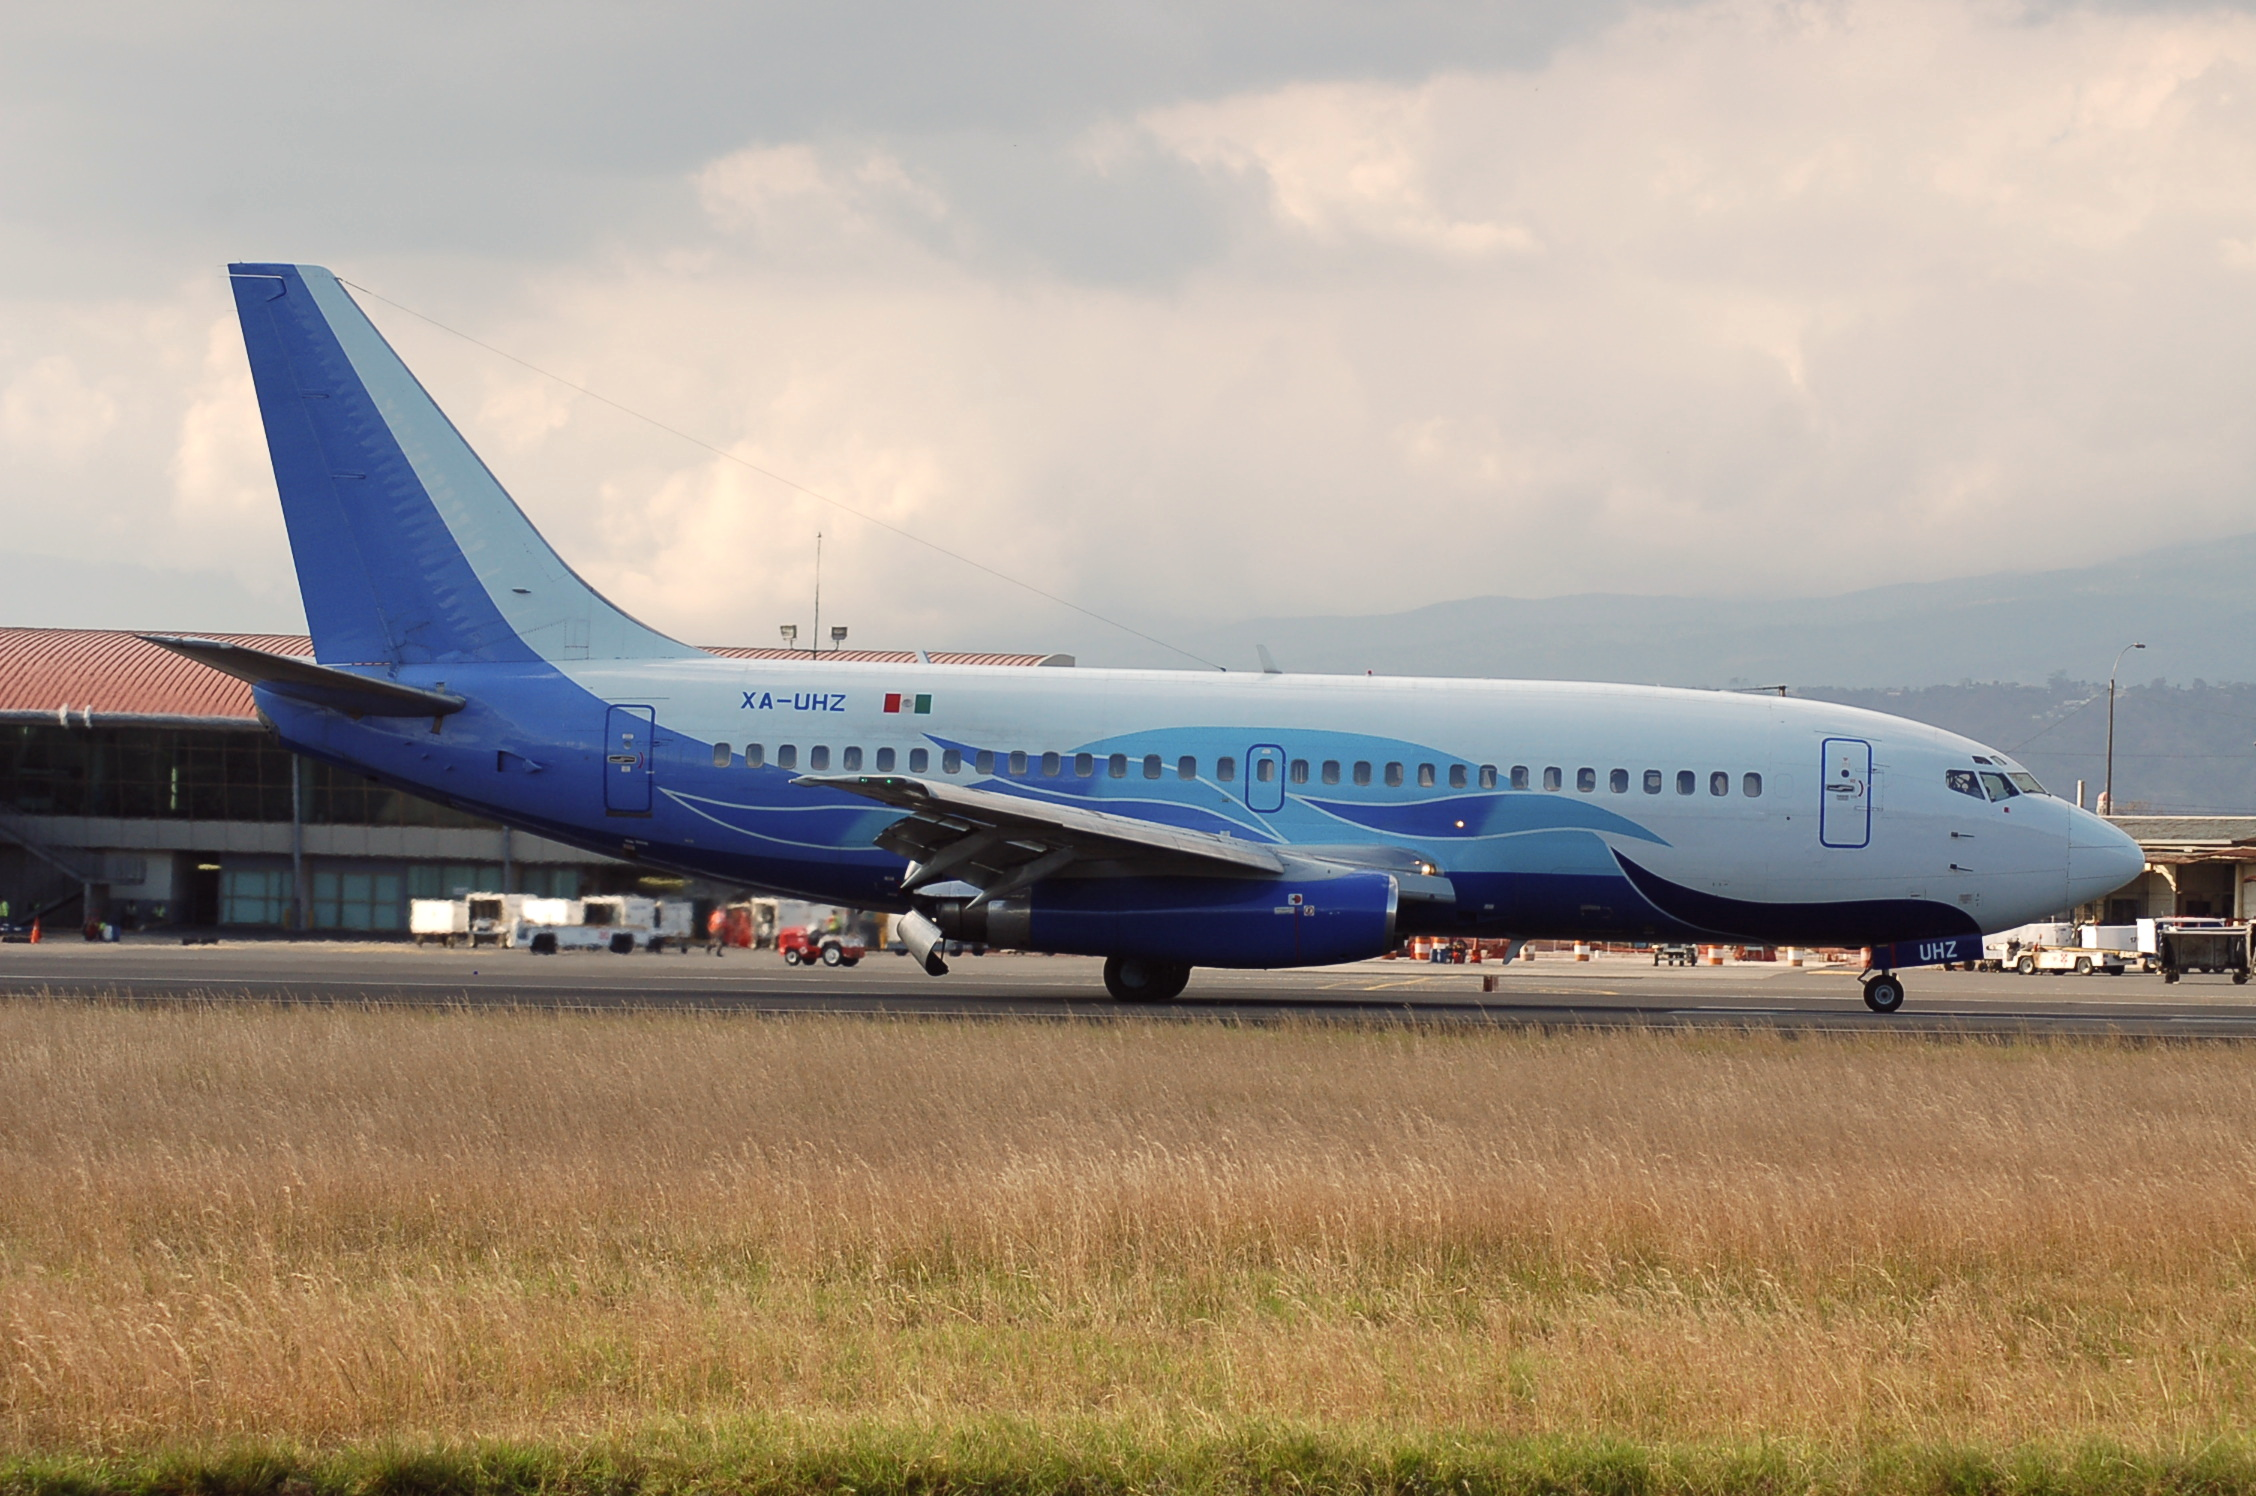 Det forulykkede fly fra Global Air, en Boeing 737-200, på landjorden i Costa Rica i 2011. Foto: Alec Wilson